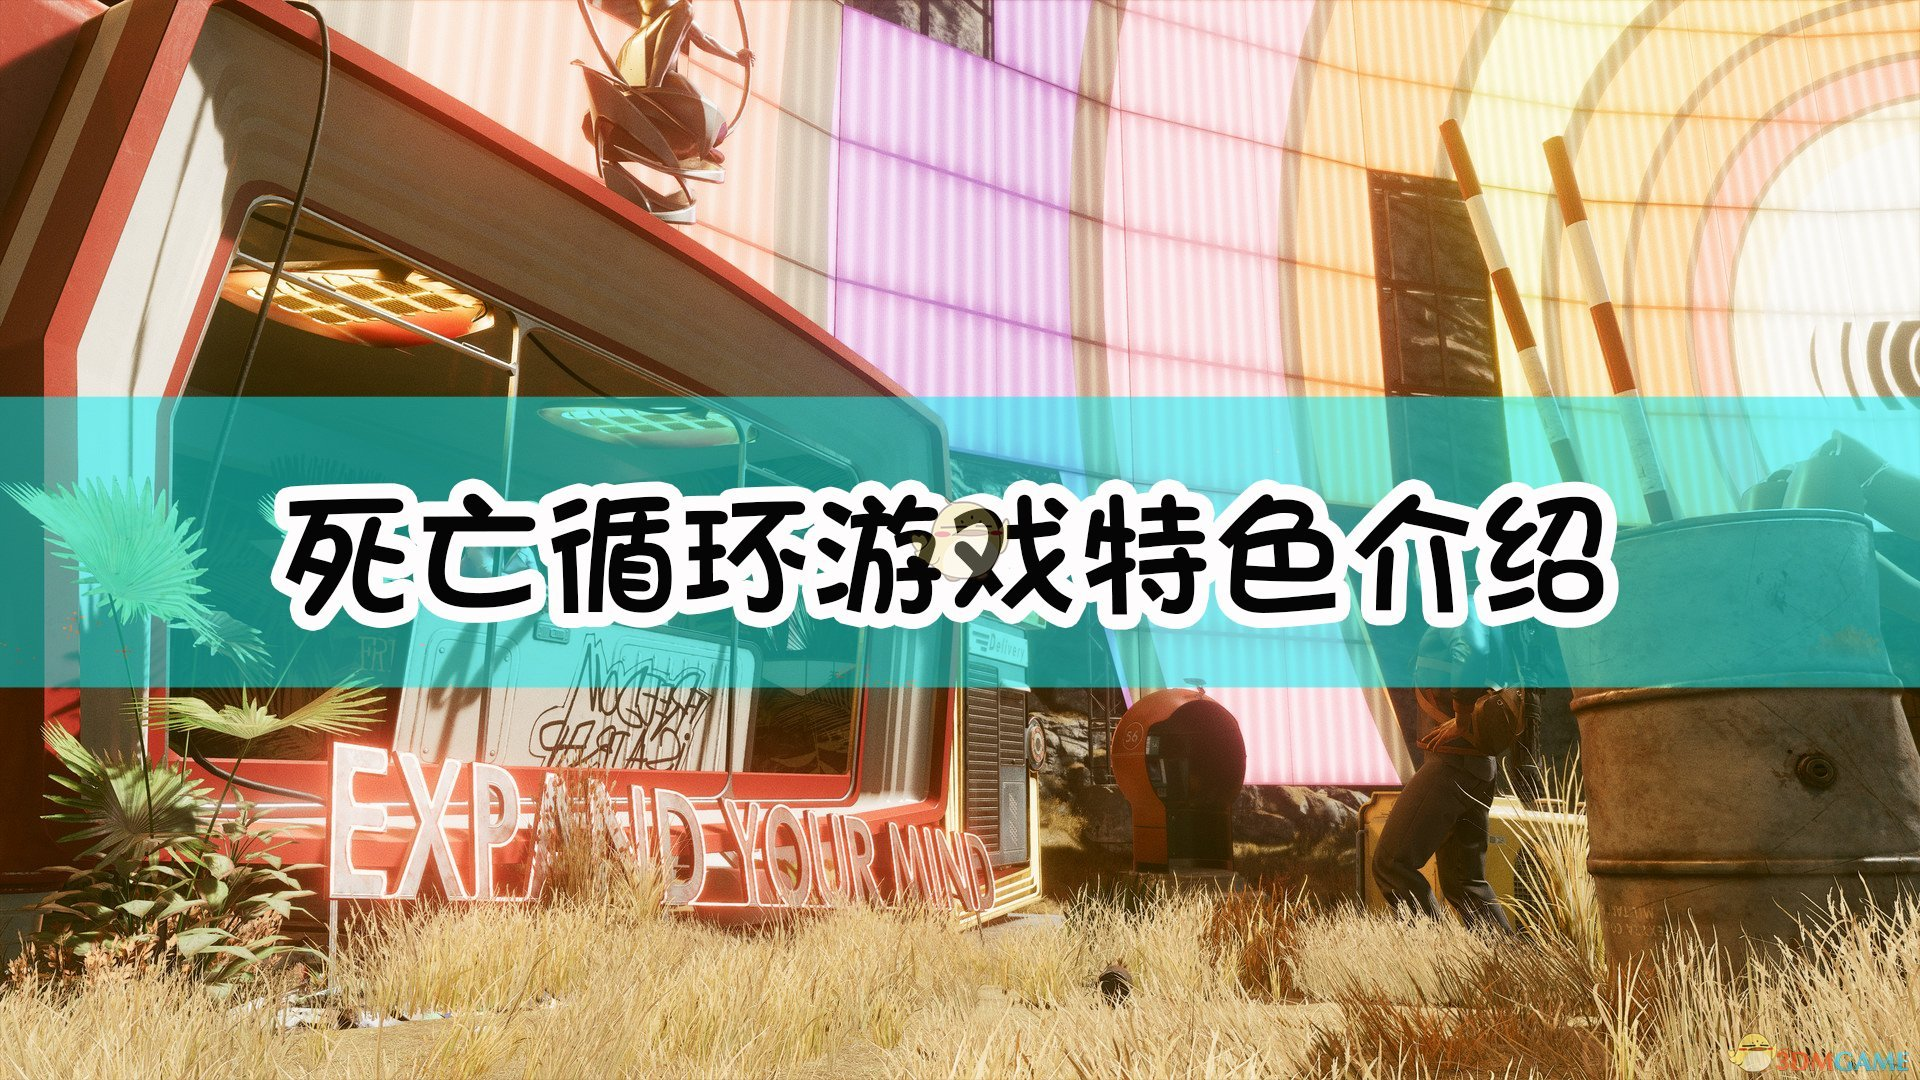 《死亡循环》游戏特色介绍